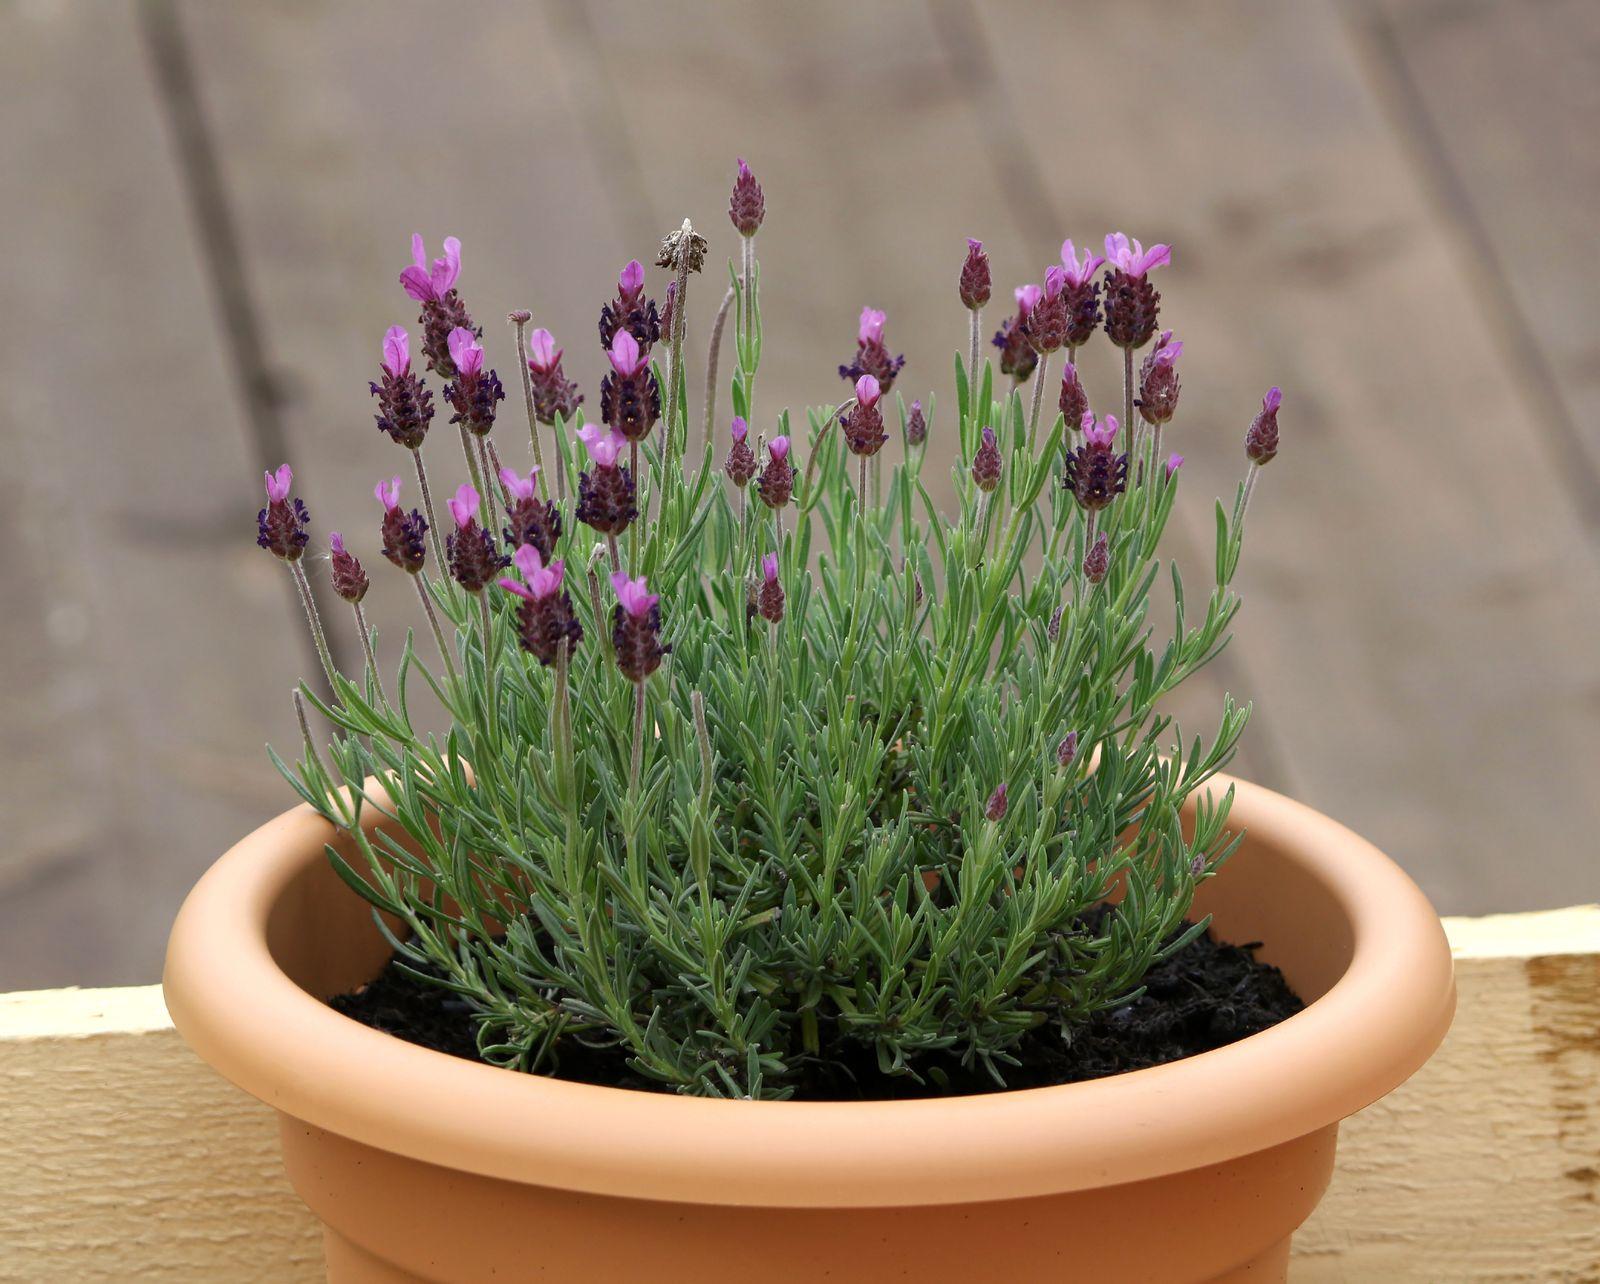 lavendel baum lavendel als b umchen f r beet topf. Black Bedroom Furniture Sets. Home Design Ideas